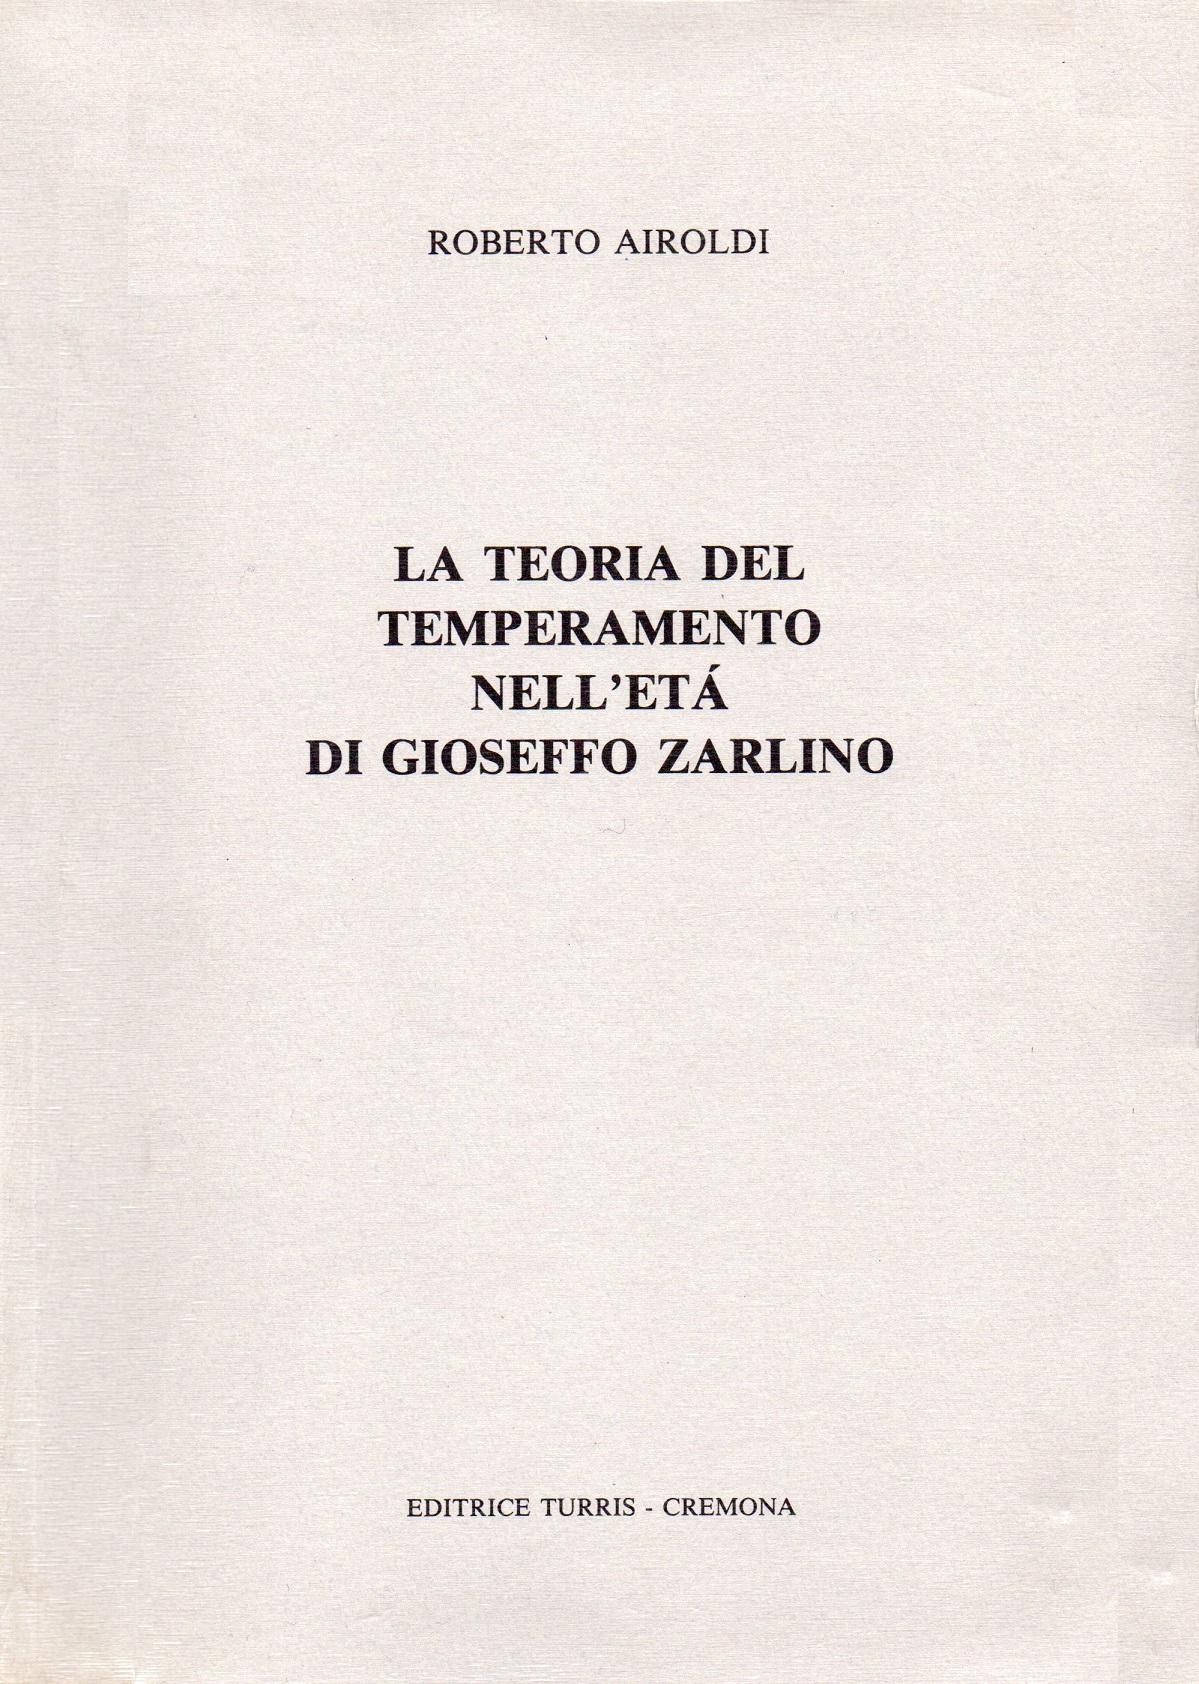 La teoria del temperamento nell'eta di Gioseffo Zarlino